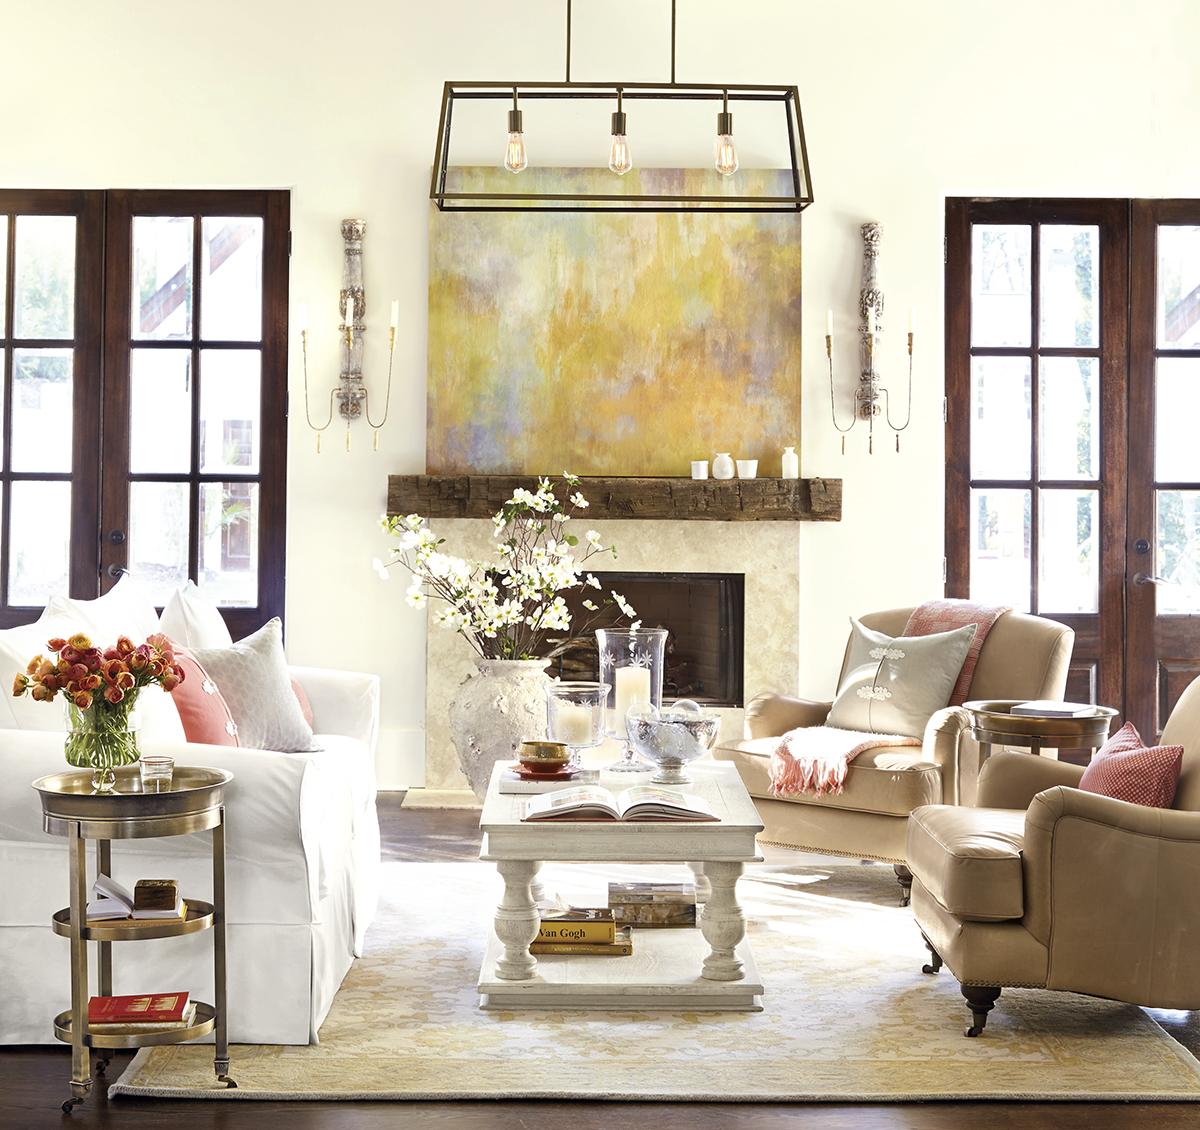 غرفة جلوس راقية 4 رقي الألوان وأناقة التصميم  في 10 غرف جلوس ساحرة